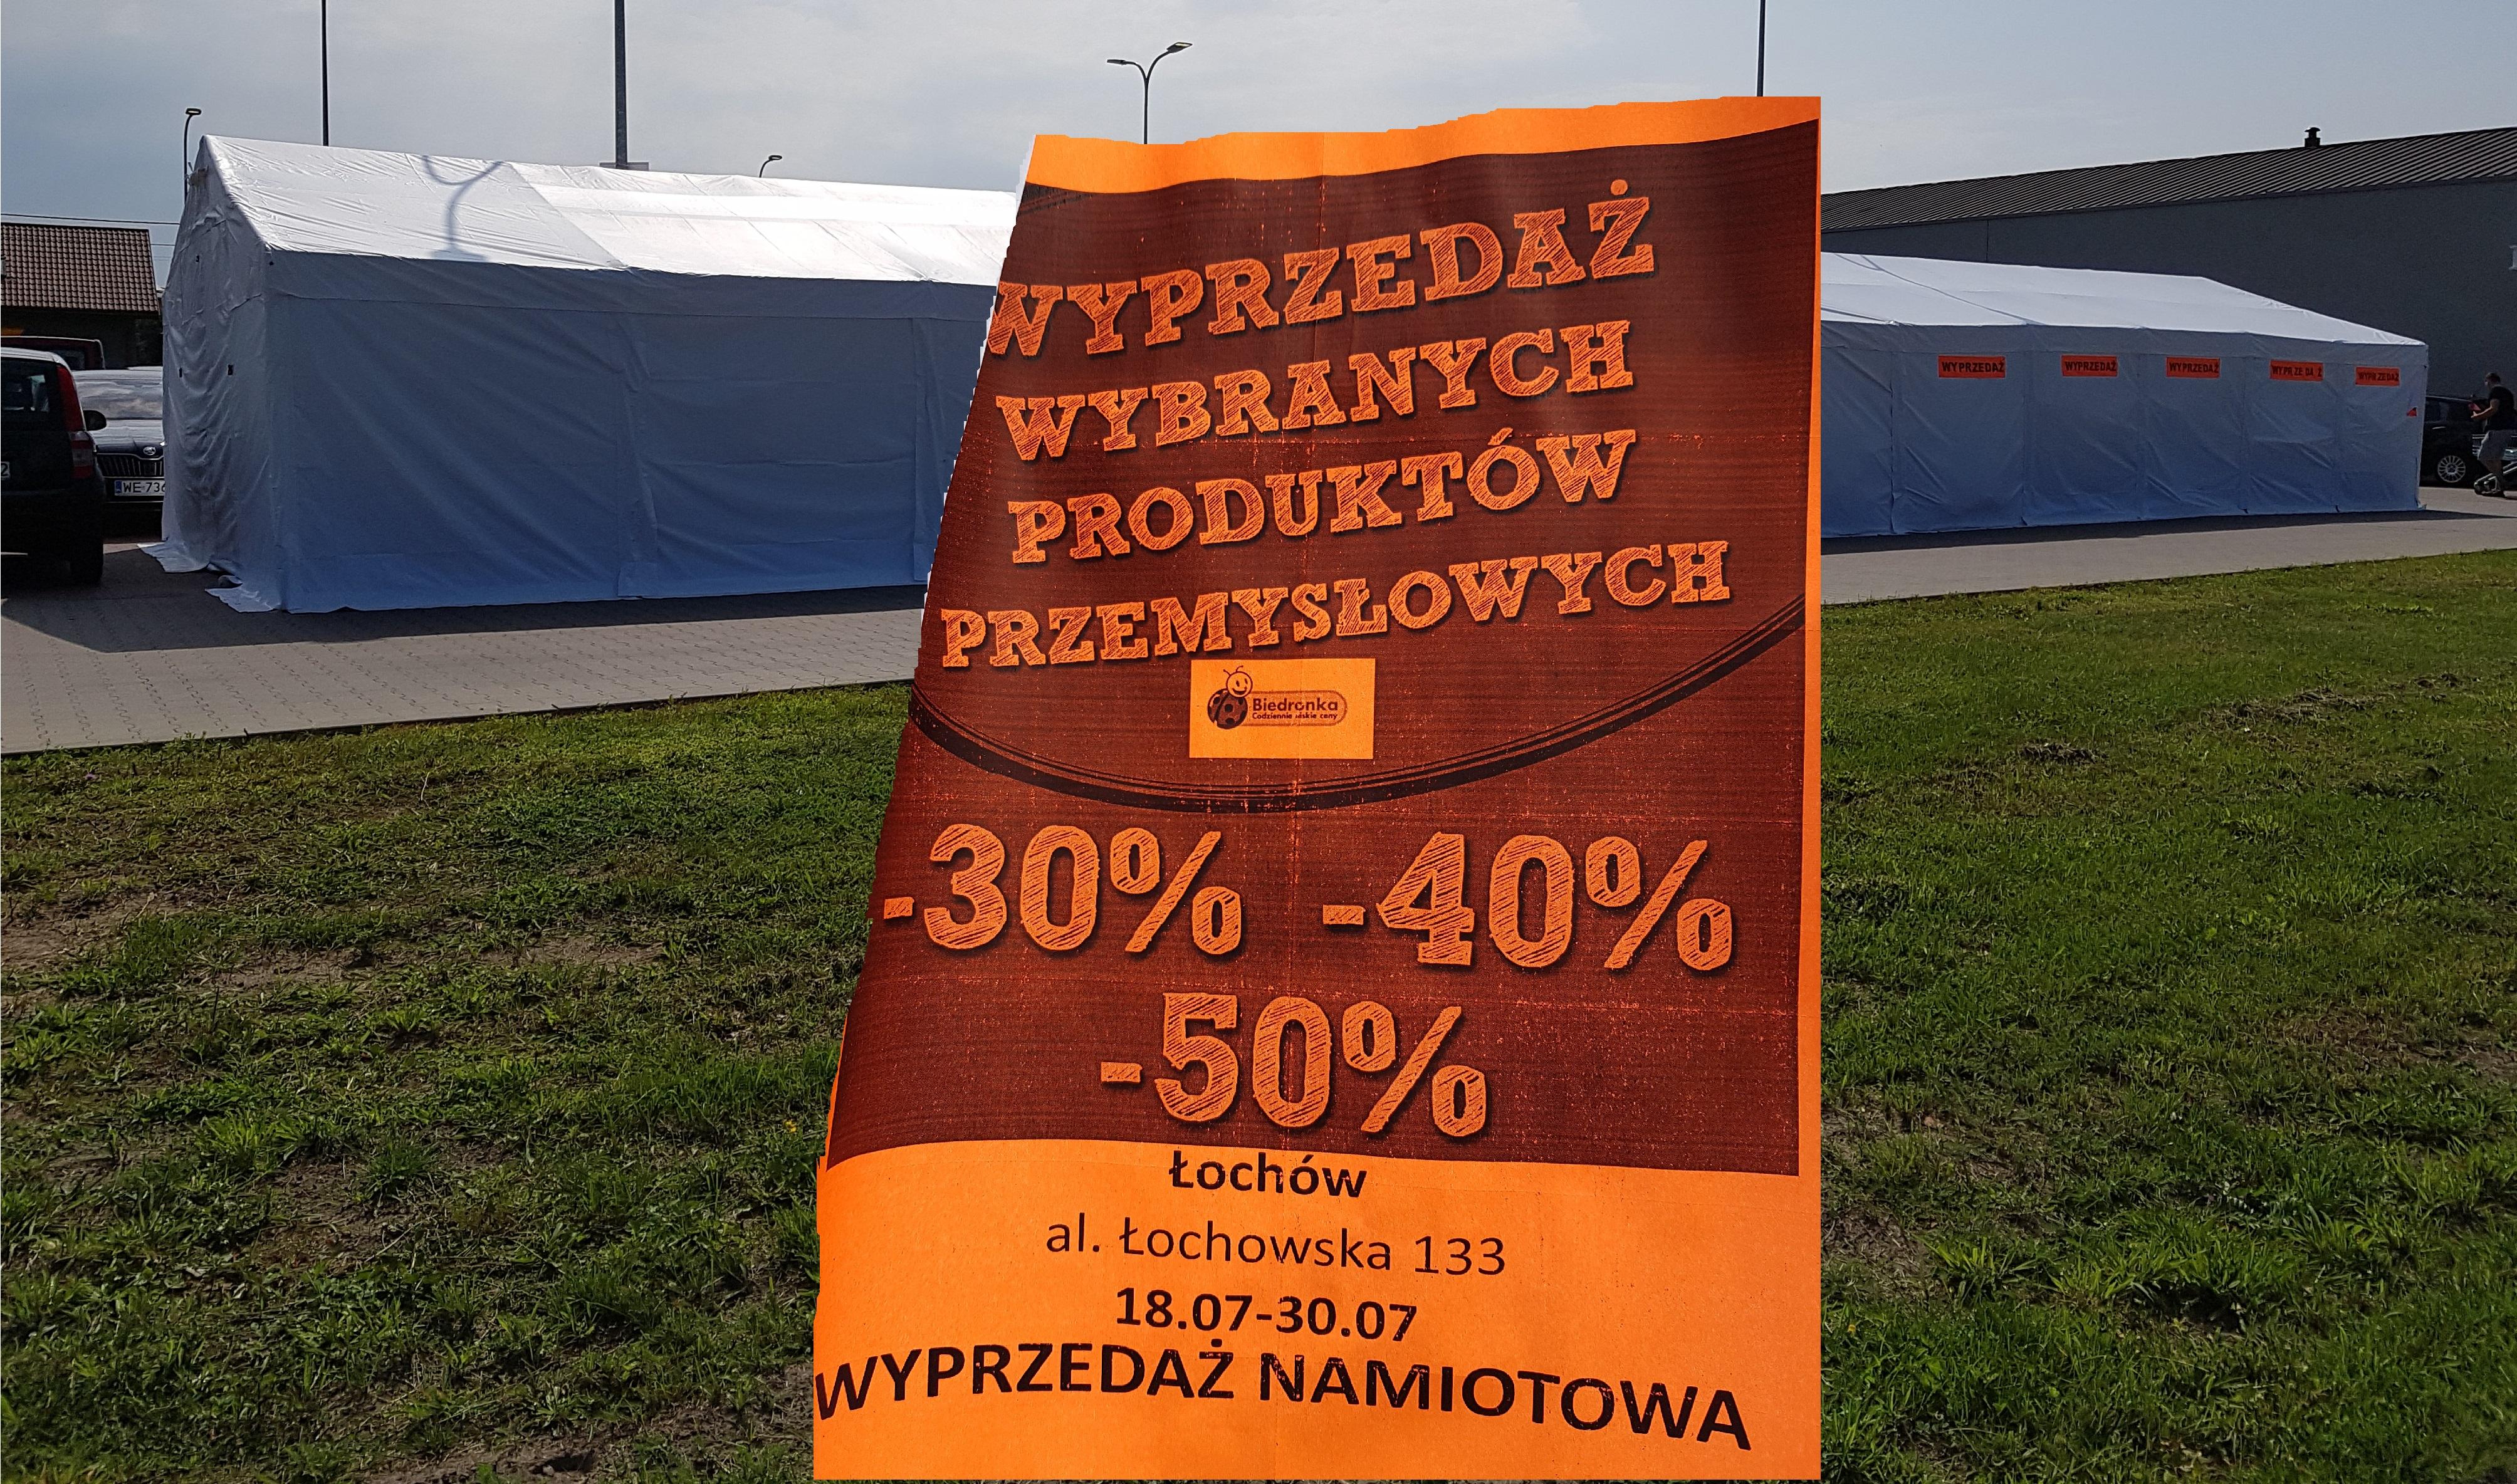 Lokalna wyprzedaż namiotowa art. przemysłowych | Biedronka Łochów